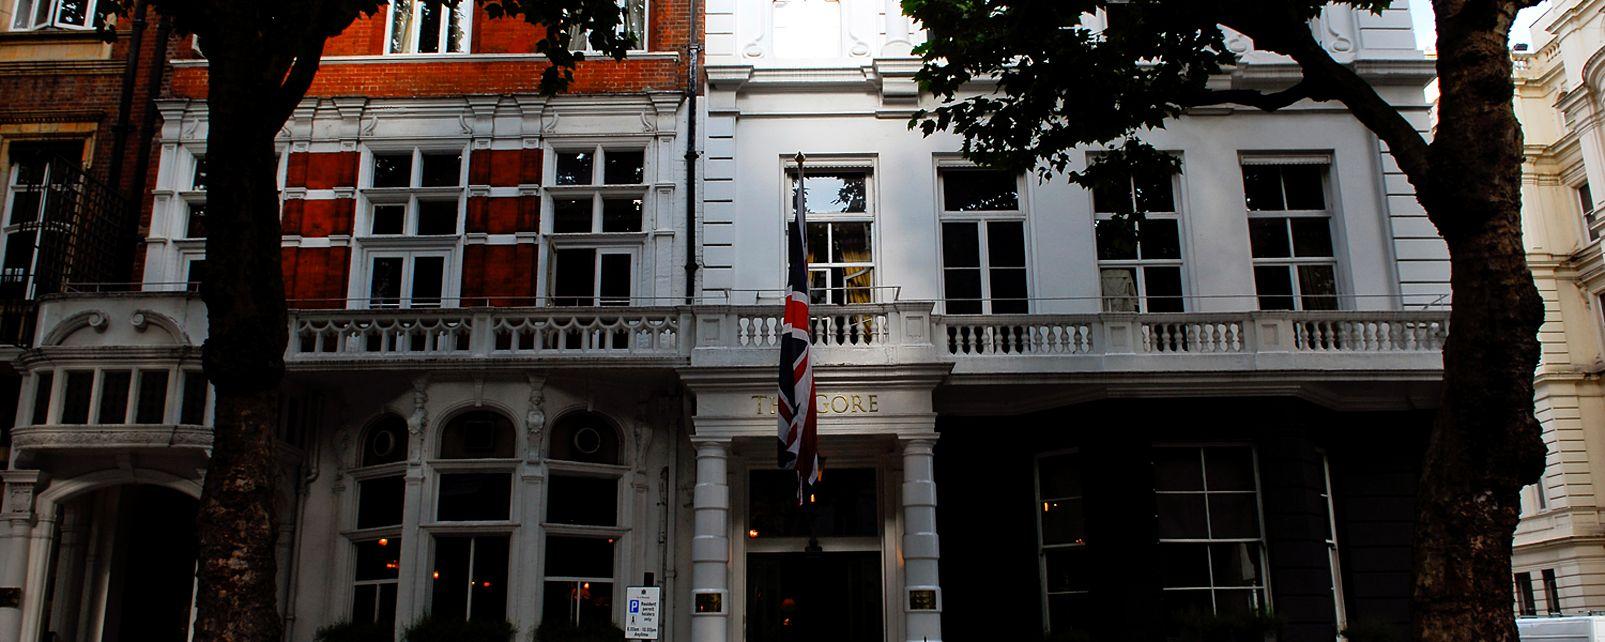 Hôtel The Gore